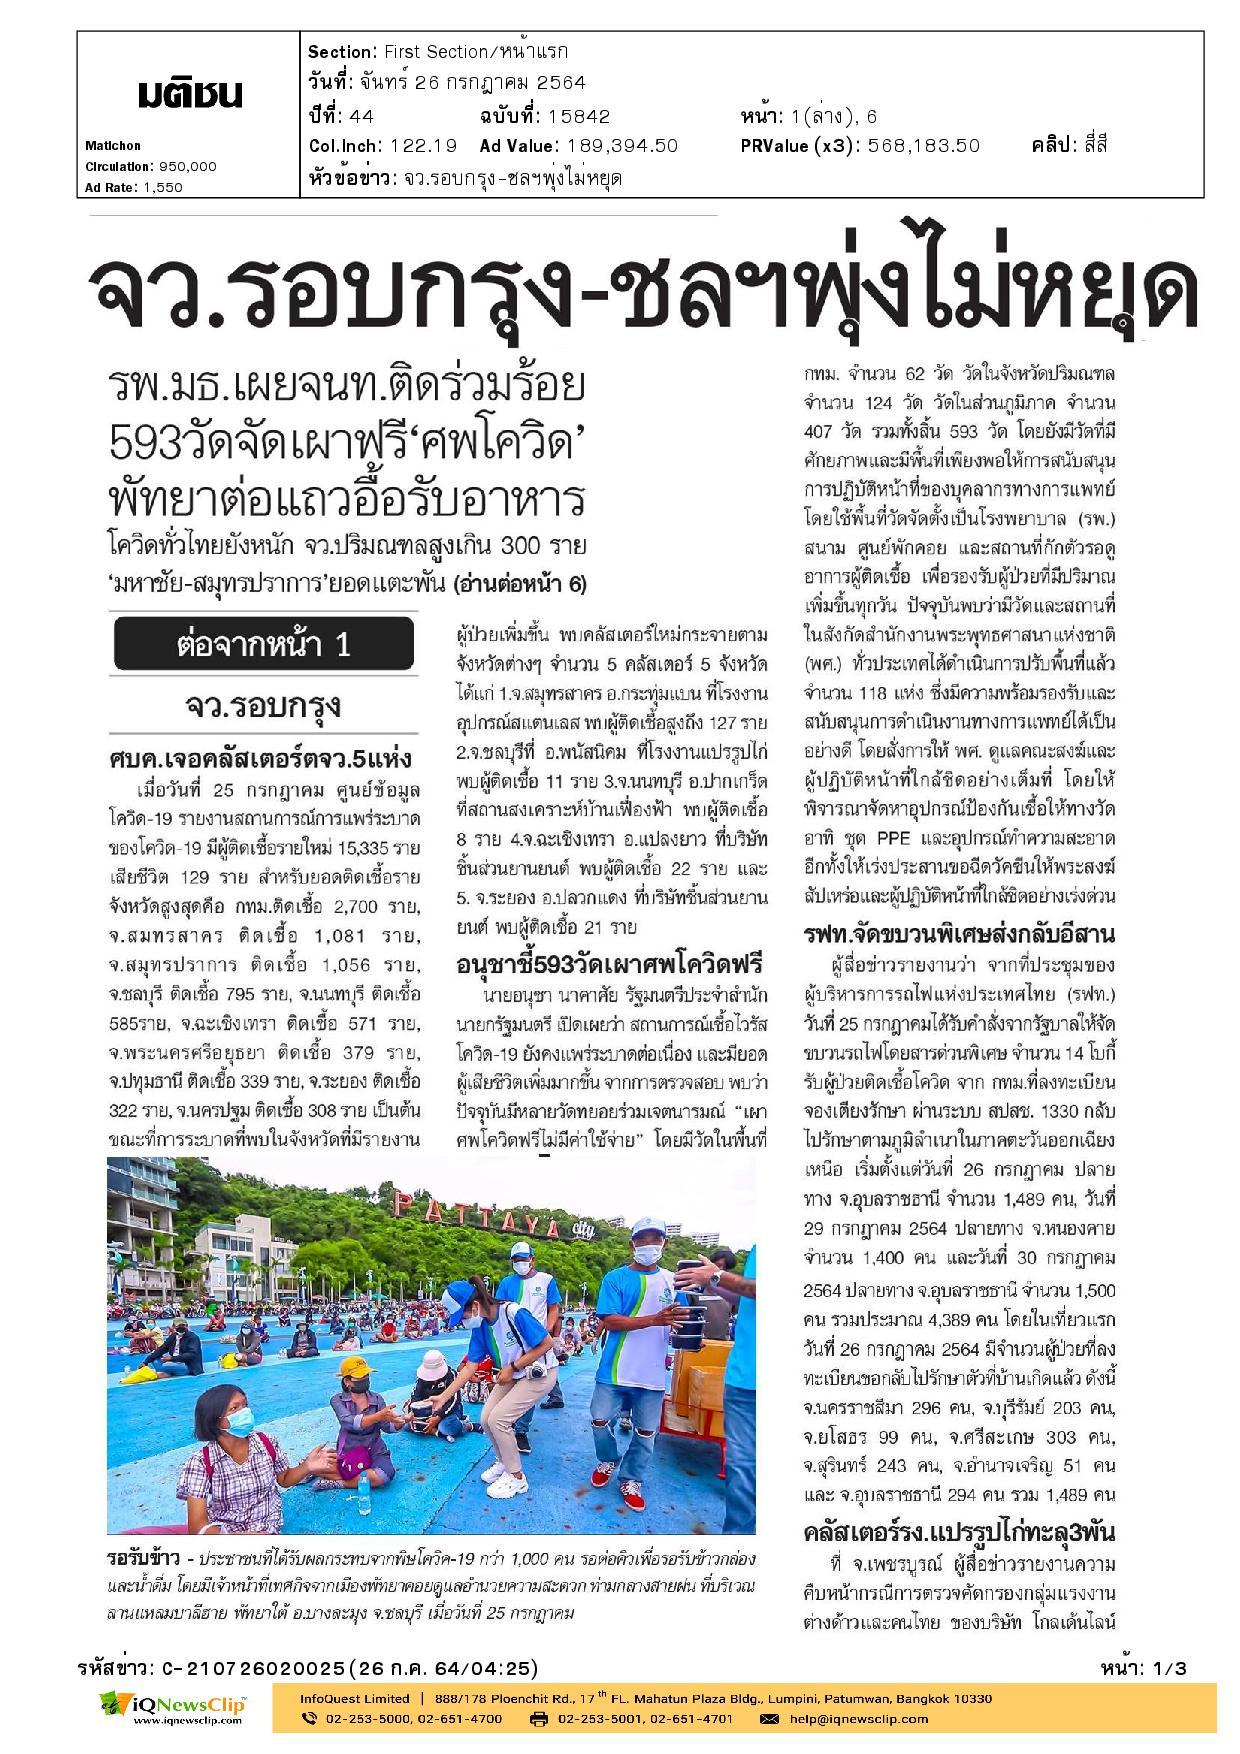 ประสานงานจากสภากาชาดไทย เรื่องการจัดสรรวัคซีนโมเดอร์นา